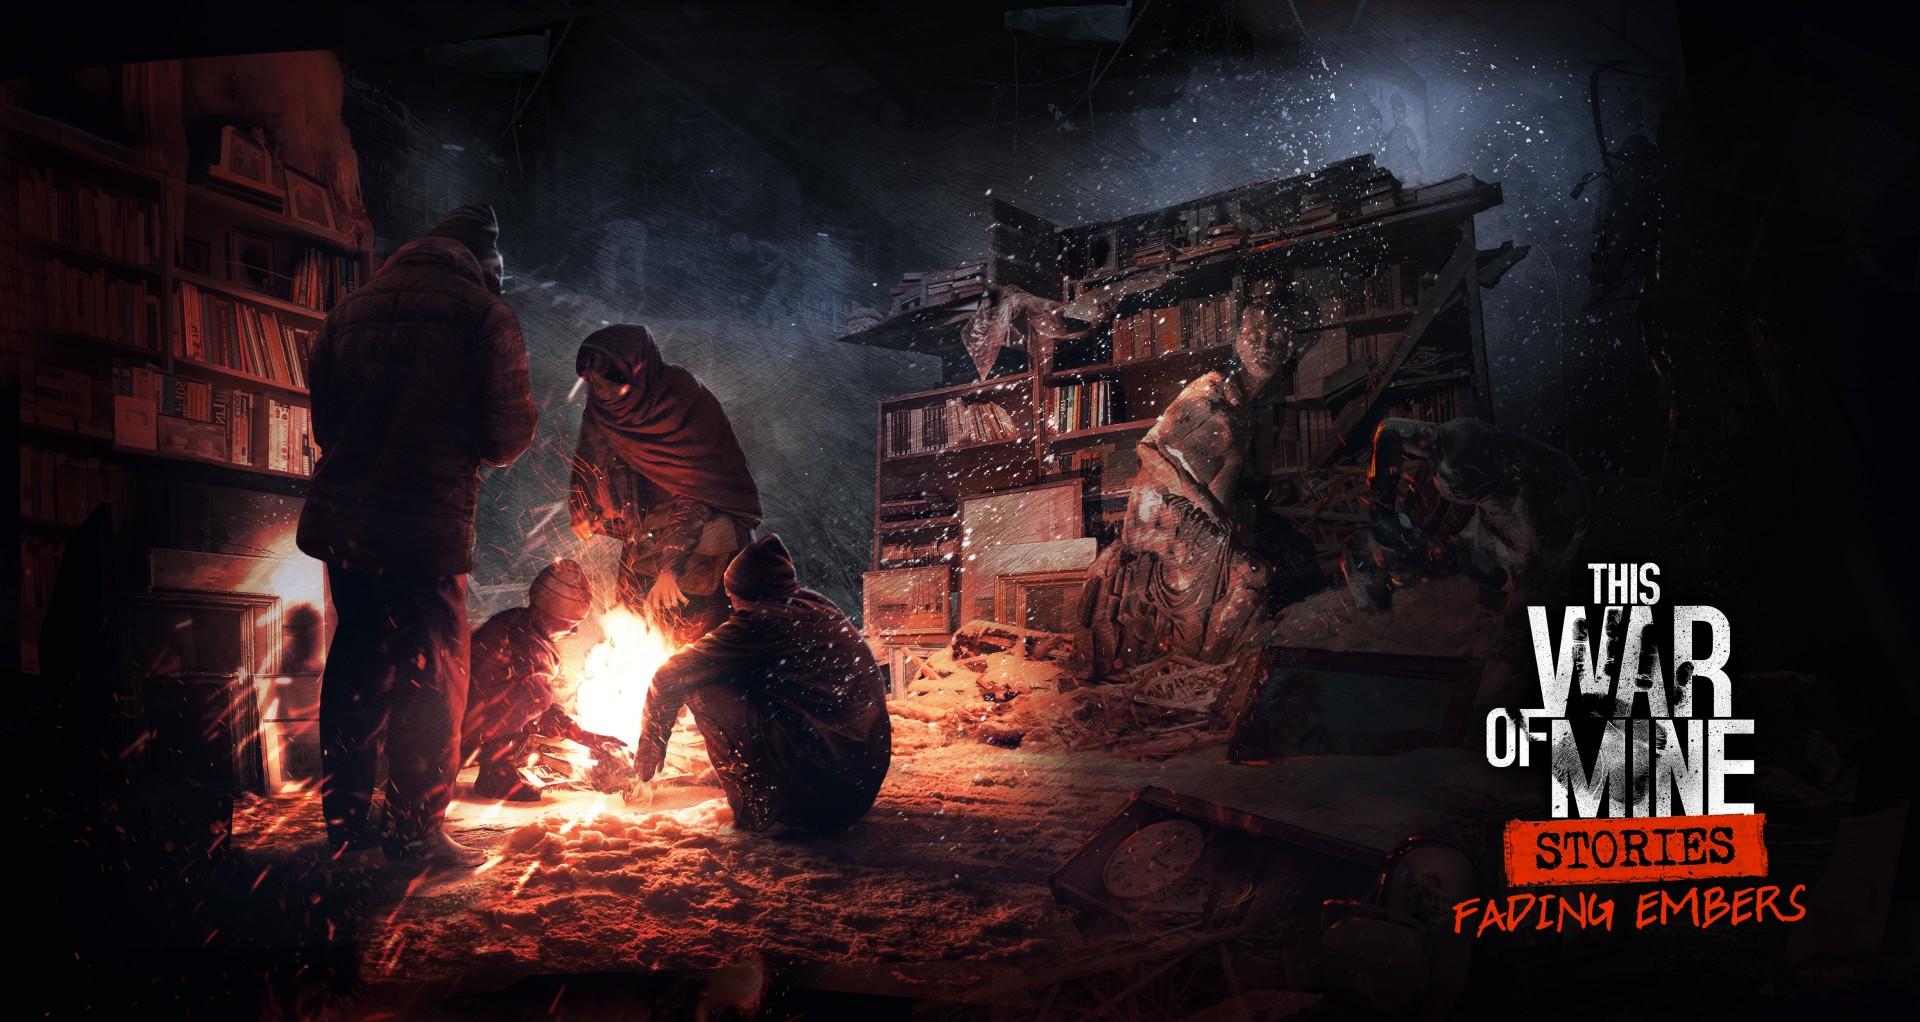 Fading Embers - kolejny dodatek do wojennej gry This War of Mine 6